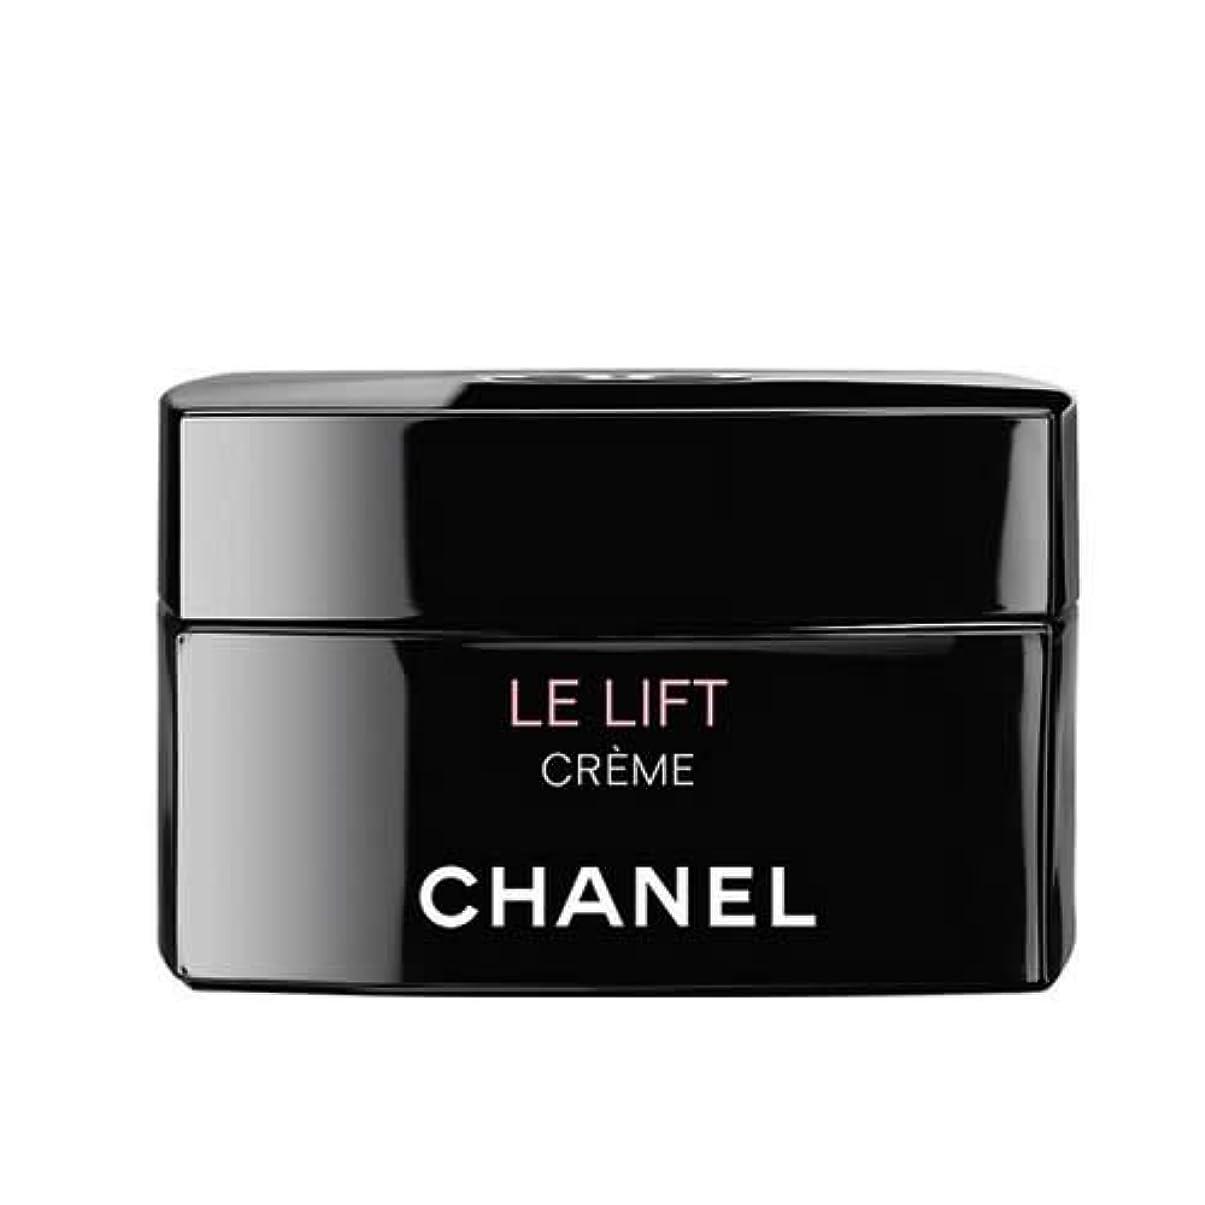 デコラティブゼロ勘違いするシャネル(CHANEL) LE L クレーム 50g (クリーム)[並行輸入品]